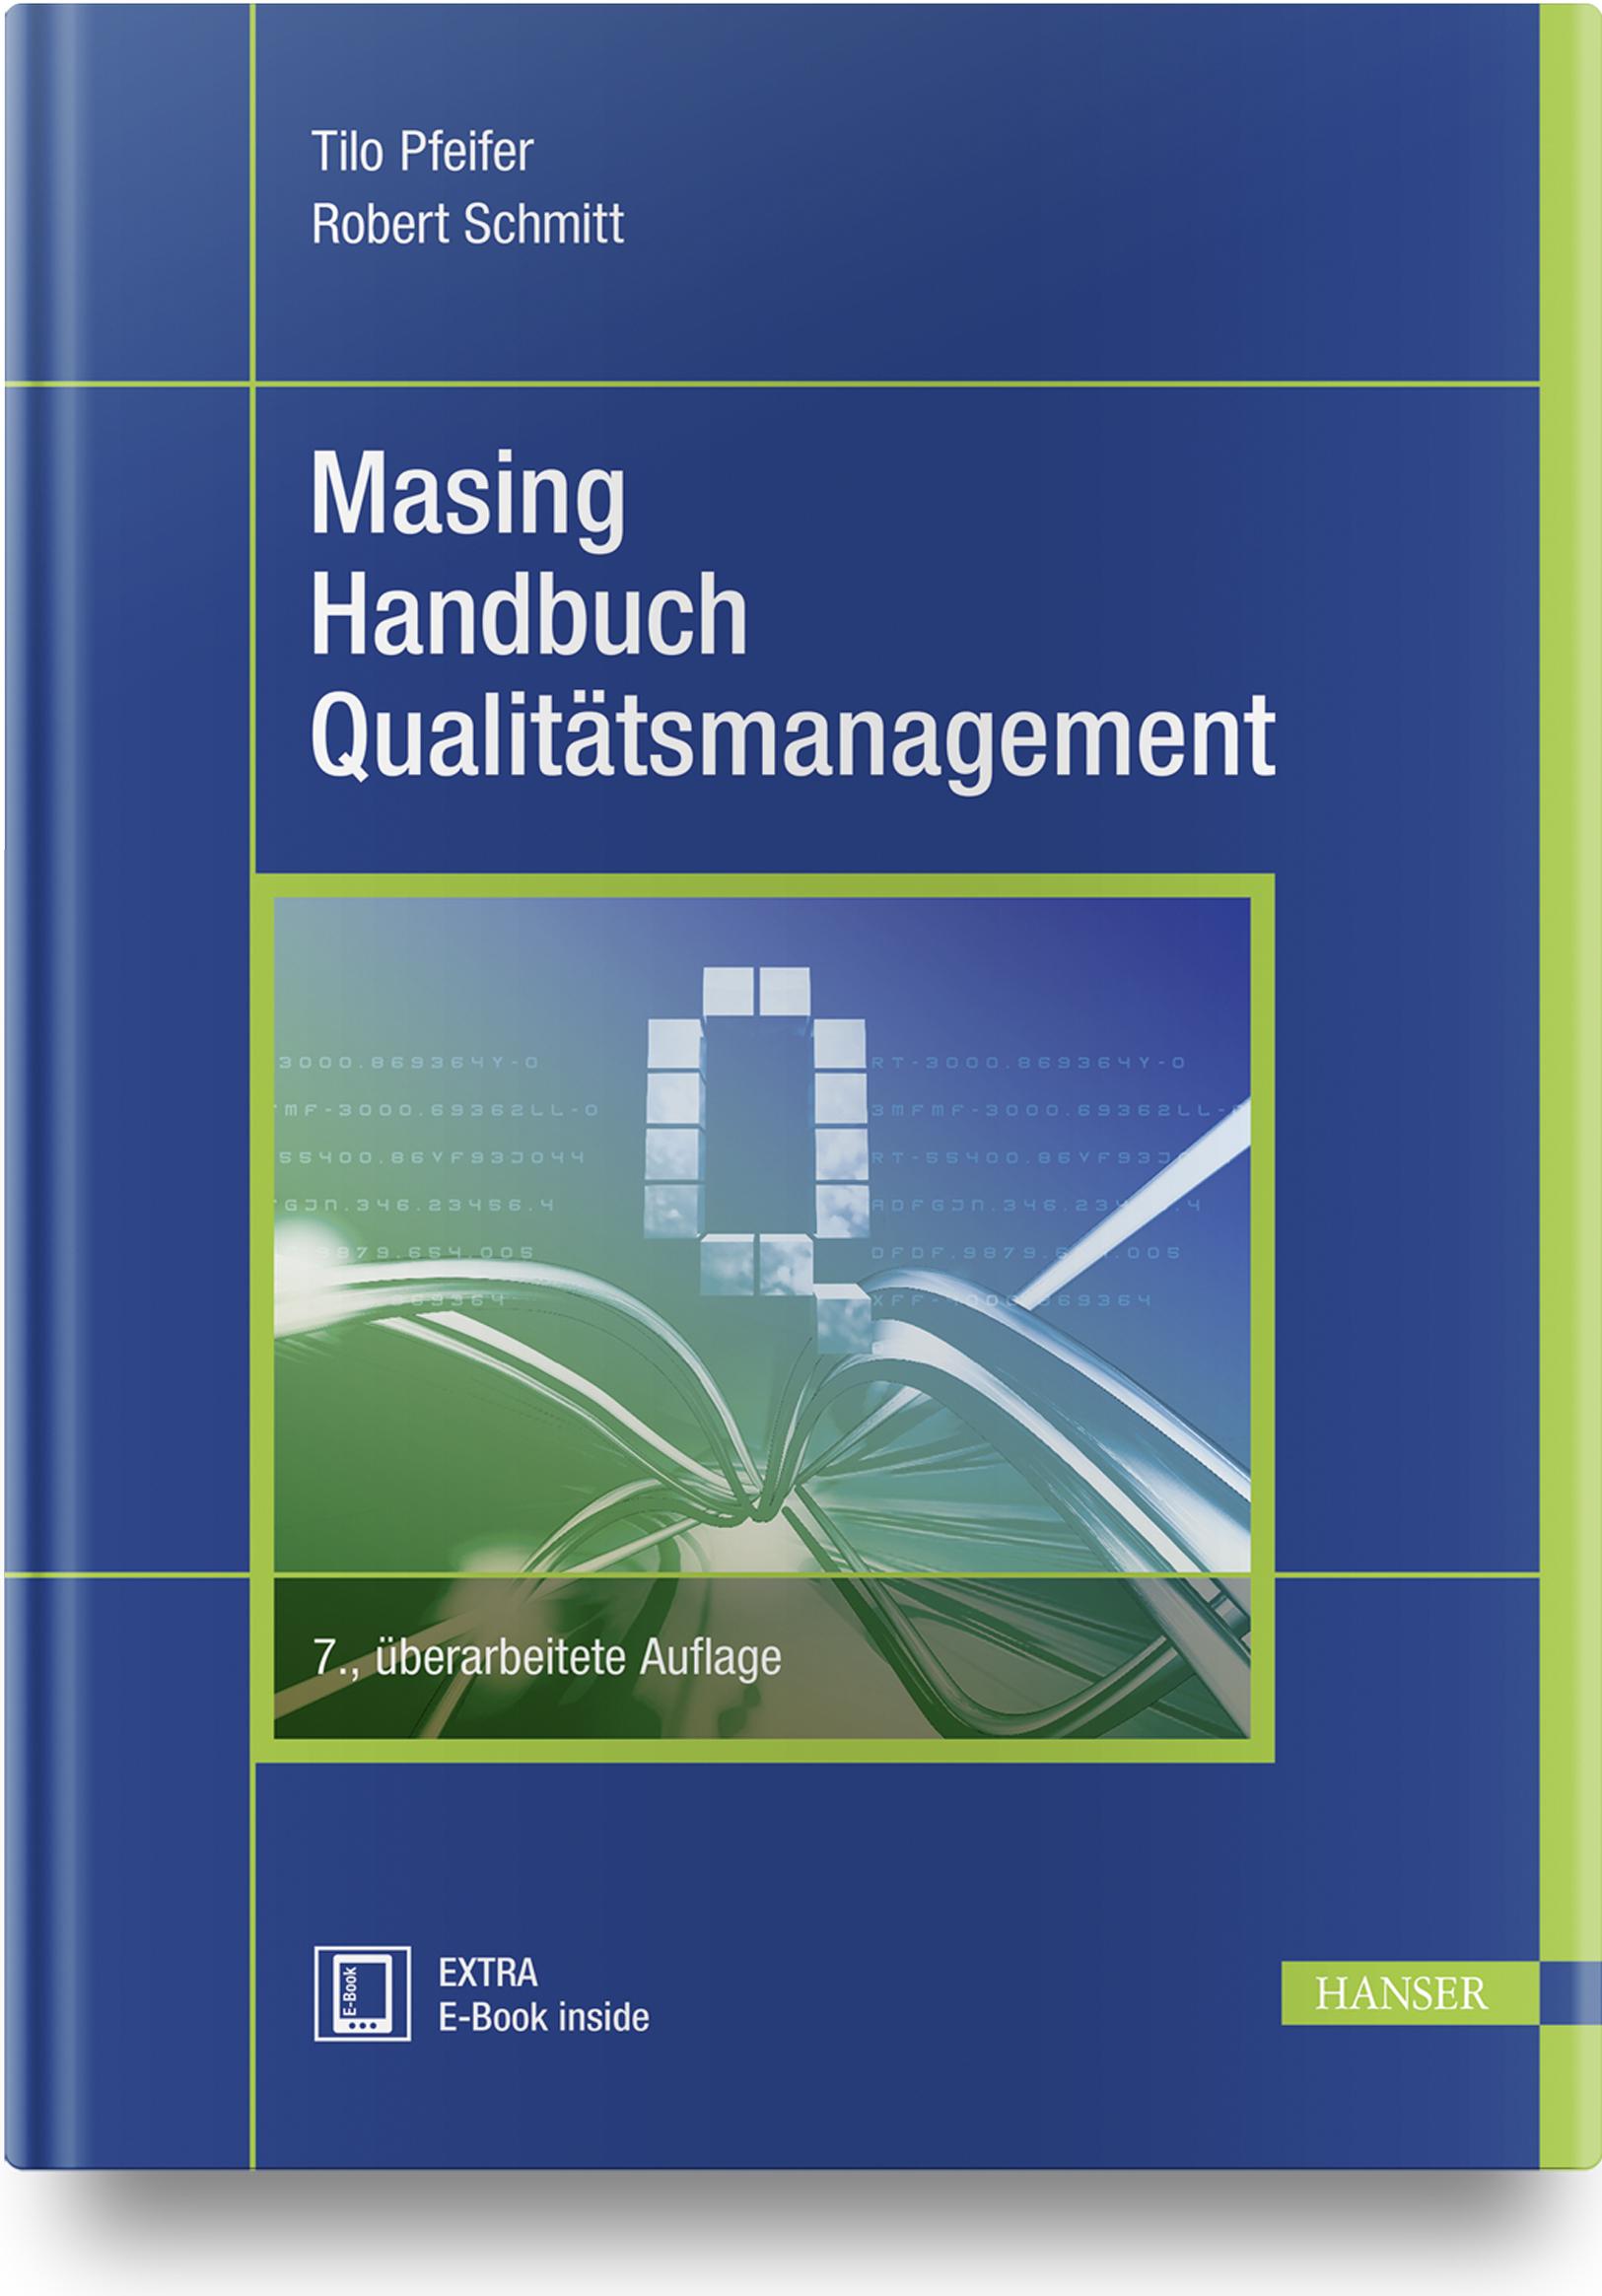 Masing Handbuch Qualitätsmanagement, 978-3-446-46230-4